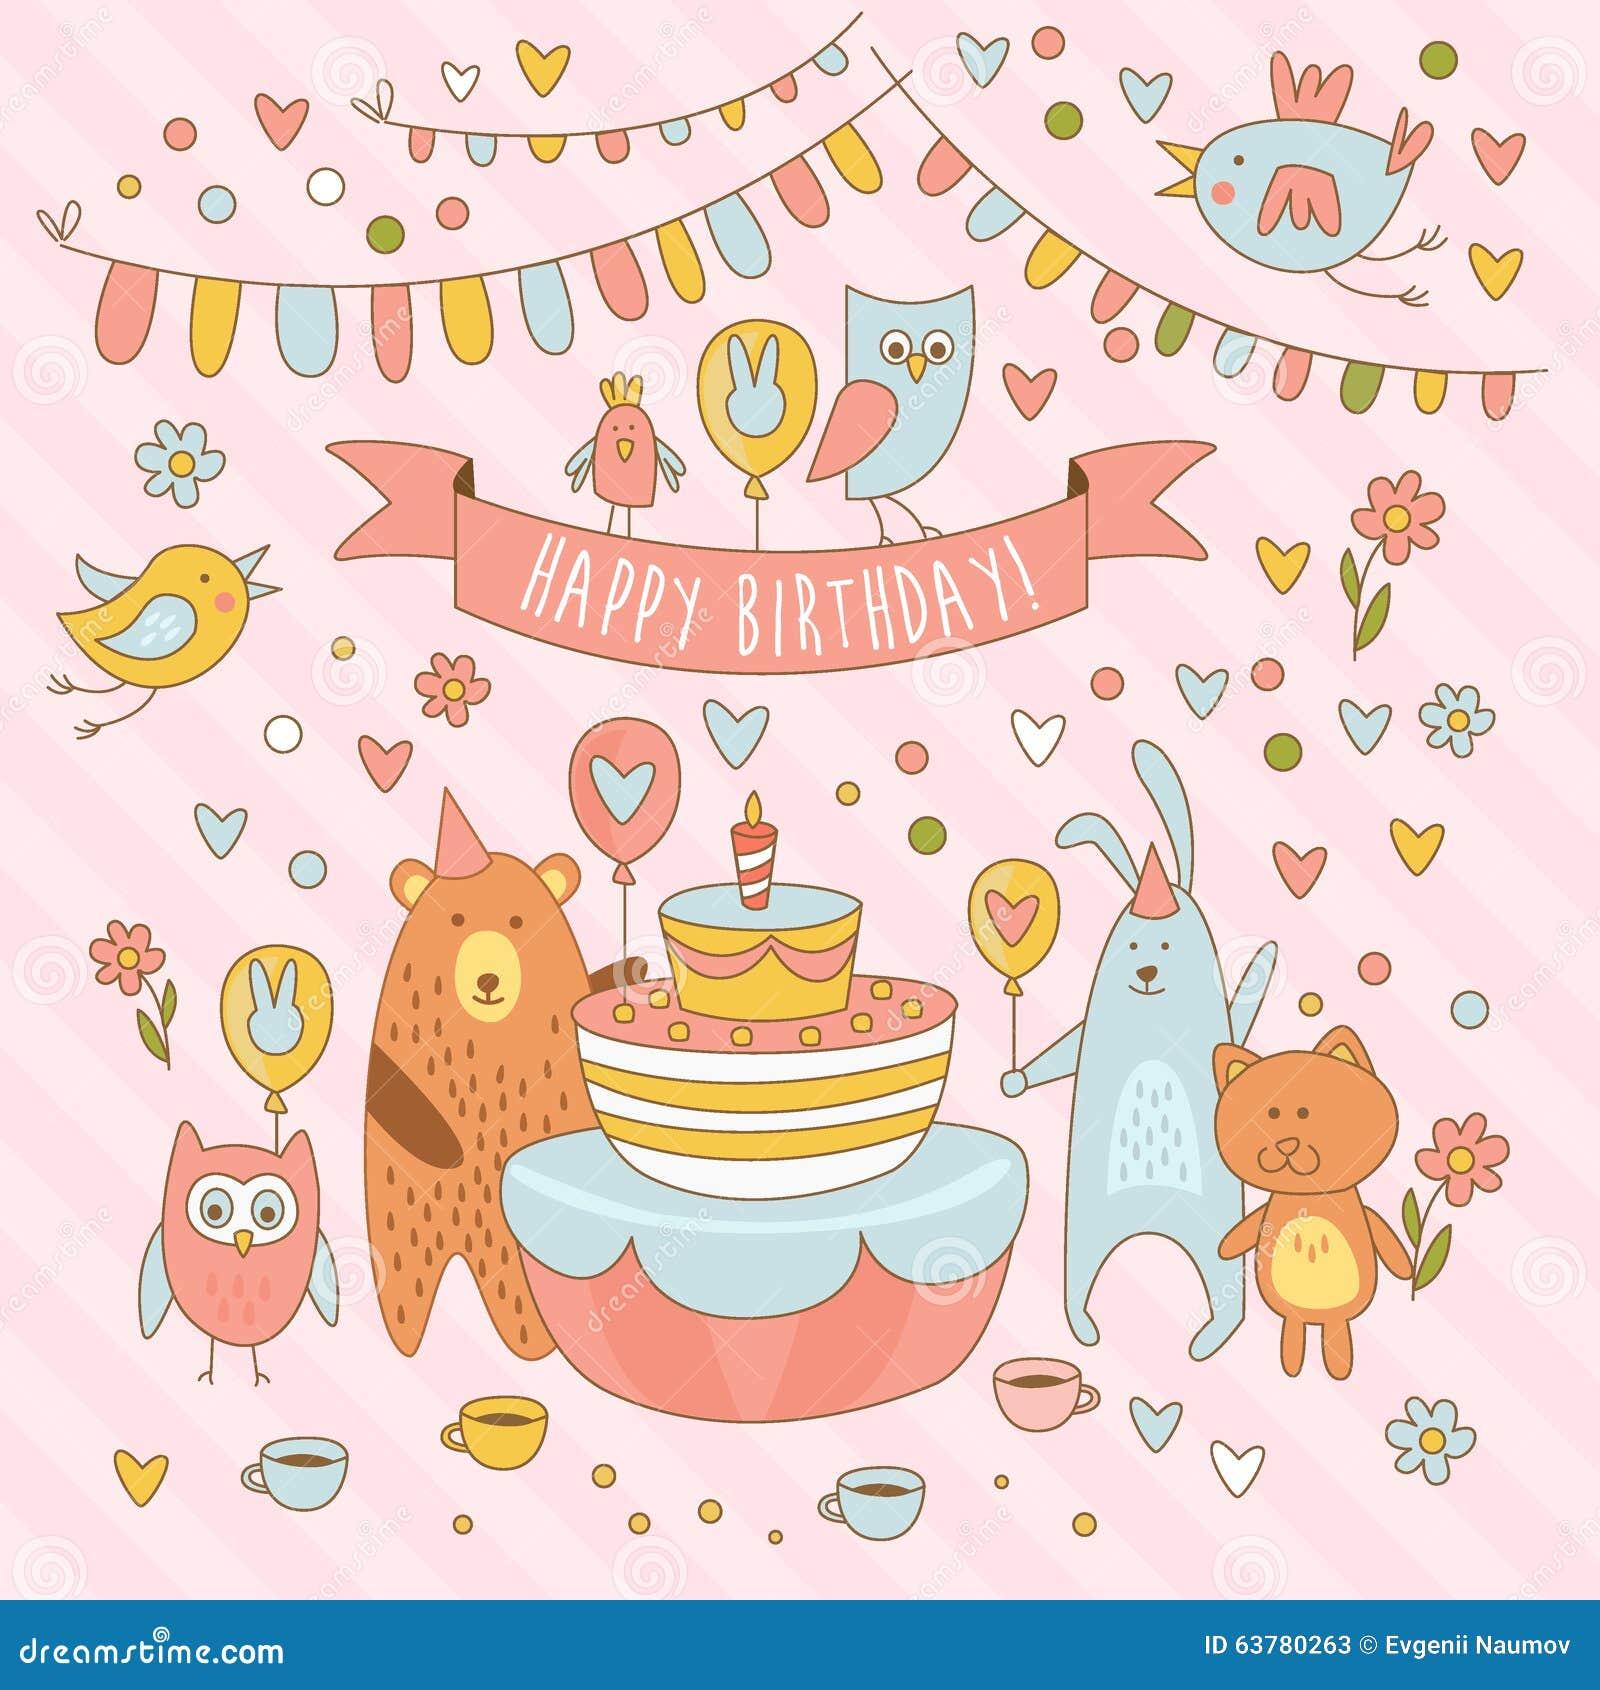 Что нарисовать на день рождения? Как нарисовать открытку 90